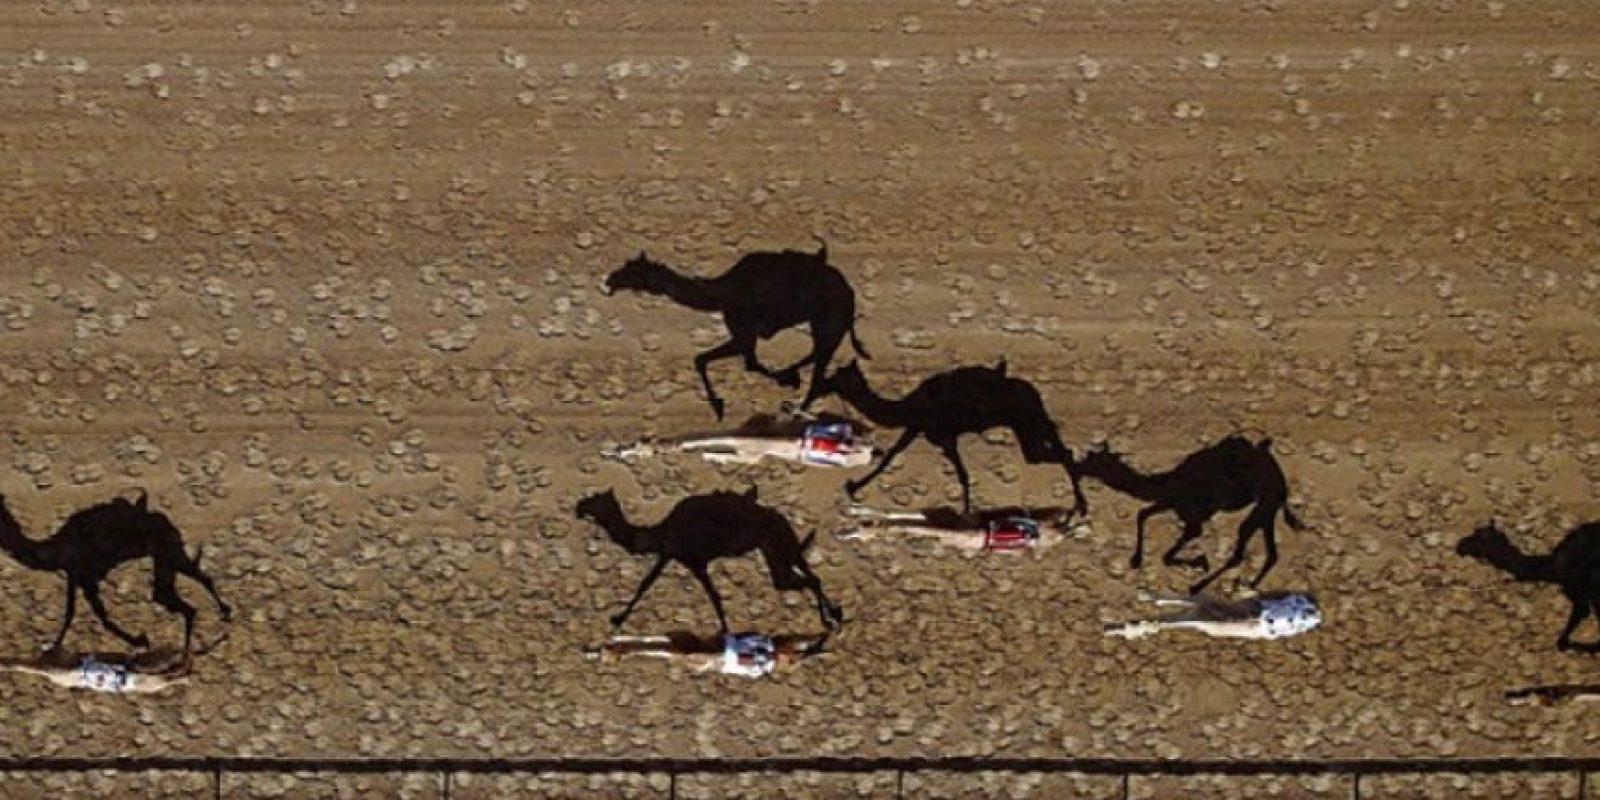 Pista de carreras de camellos Al Marmoun en Dubai, Emiratos Árabes Unidos. Foto:Vía Dronestagr.am